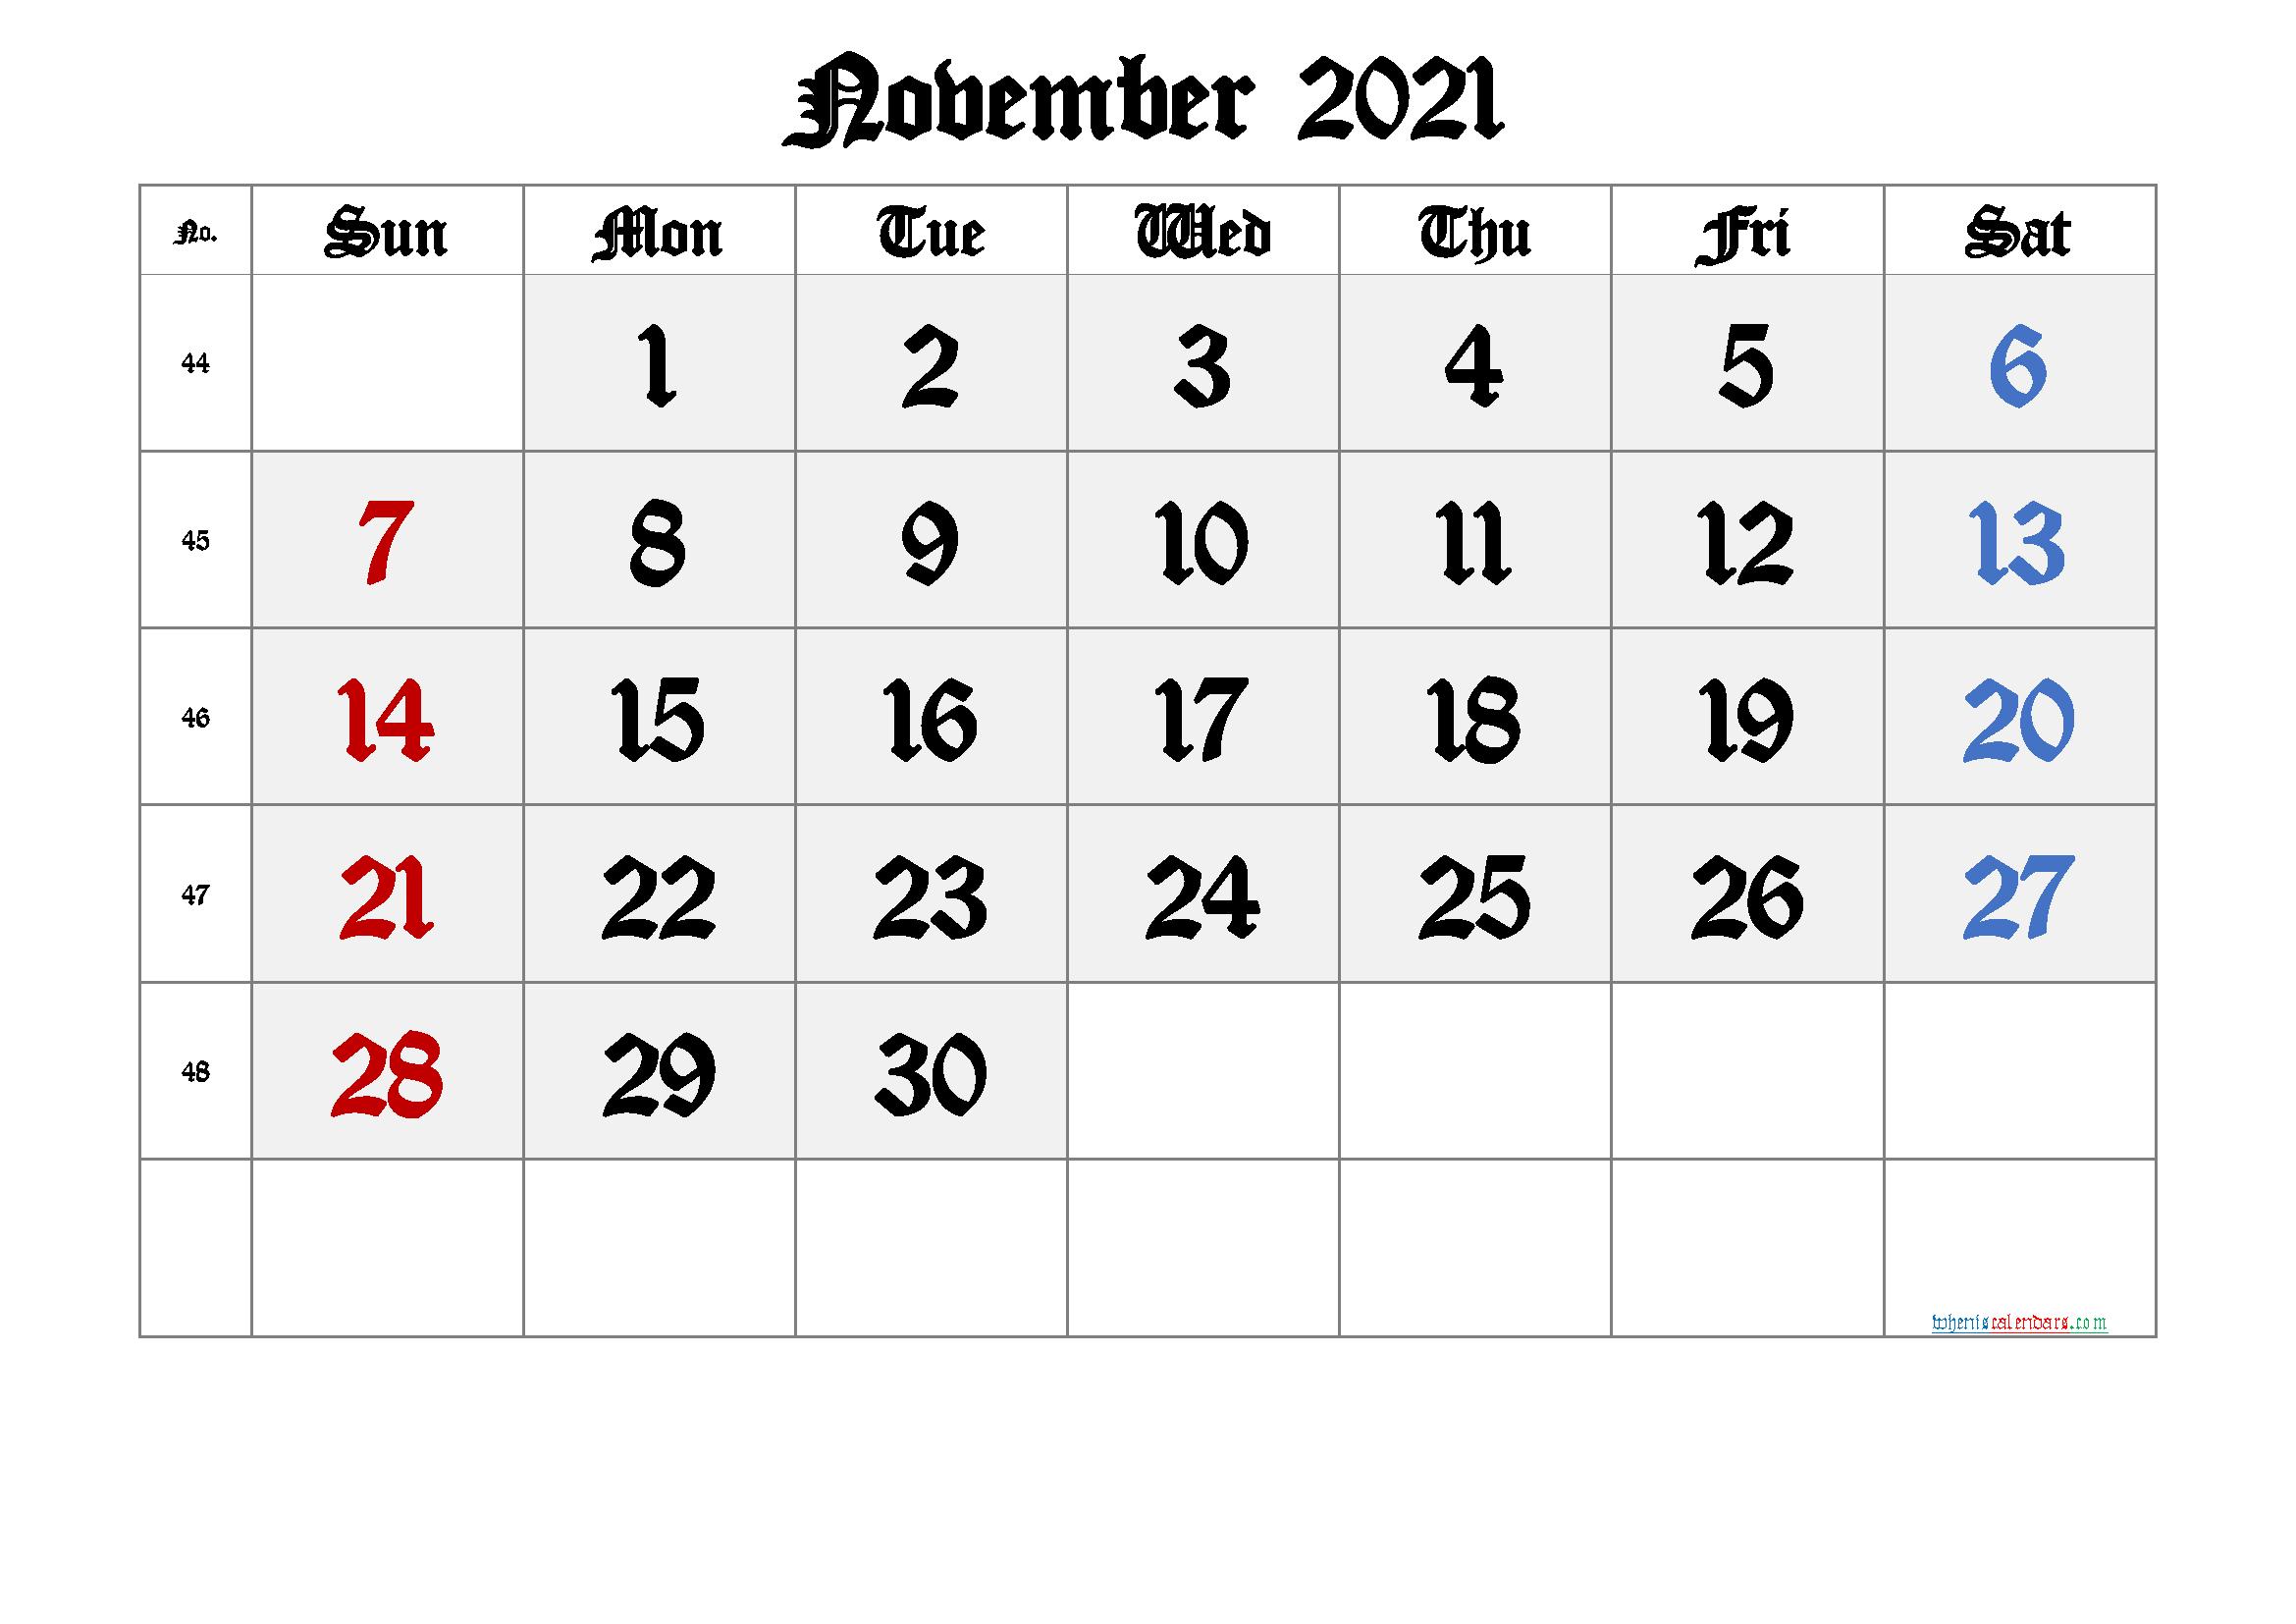 November 2021 Printable Calendar with Week Numbers - 6 ...